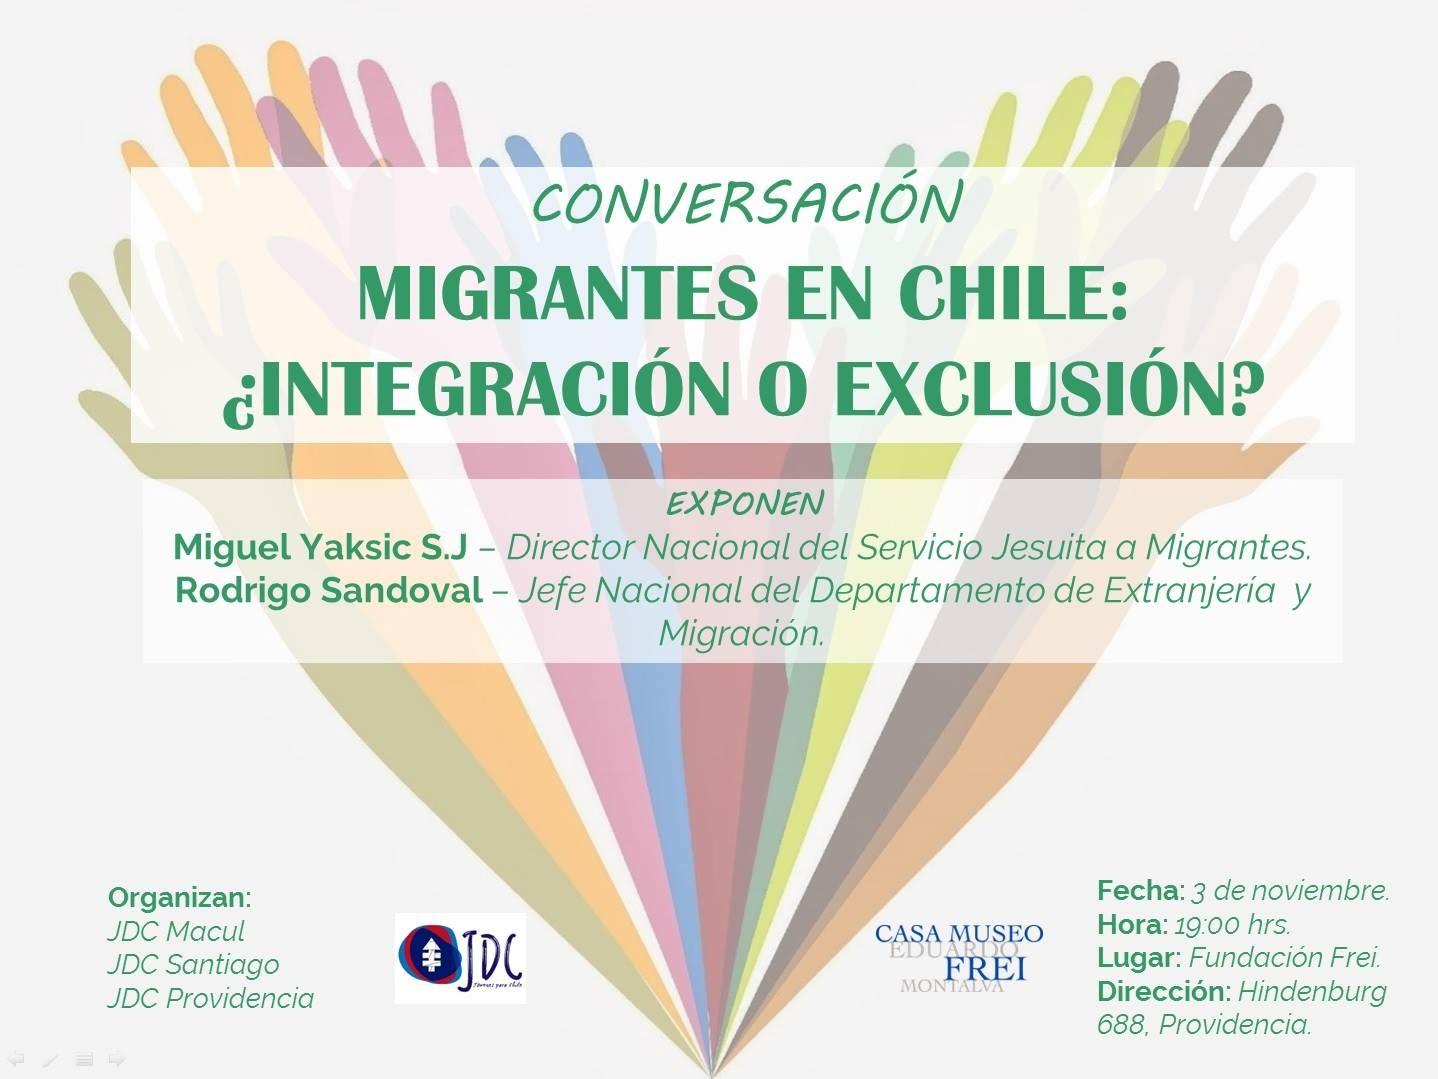 Conversación, Migrantes en Chile: ¿Integración o Exclusión?